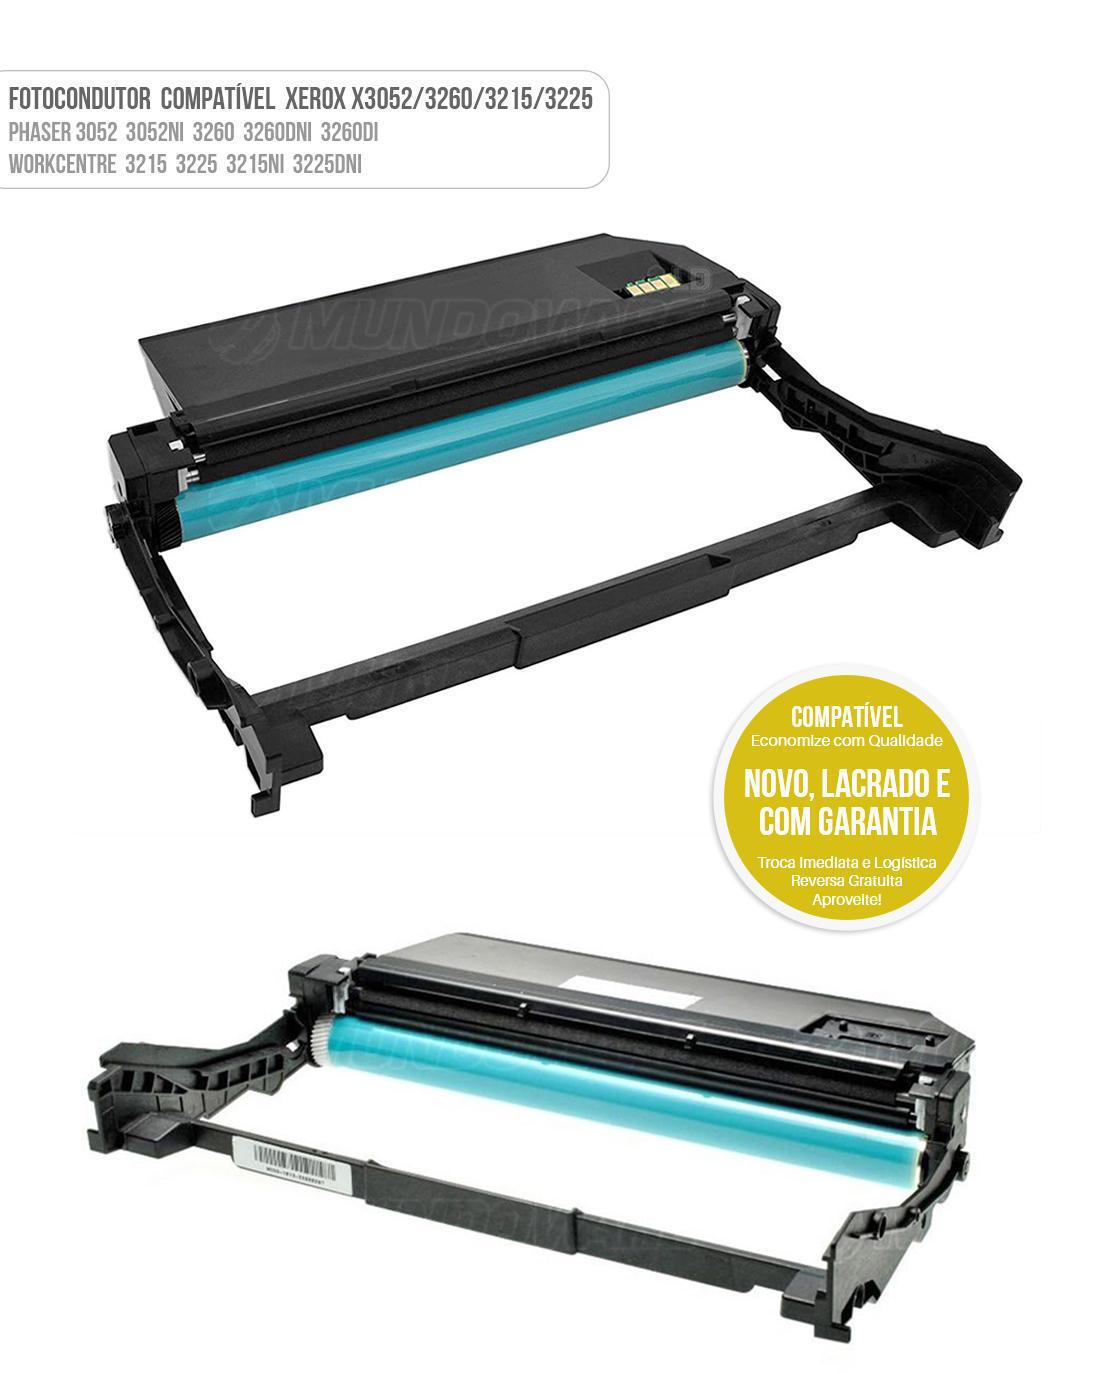 Cartucho de Cilindro Fotocondutor Compatível para impressora Xerox Phaser 3052 3052NI 3260 3260DNI 3260DI WorkCentre 3215 3225 3215NI 3225DNI 10K